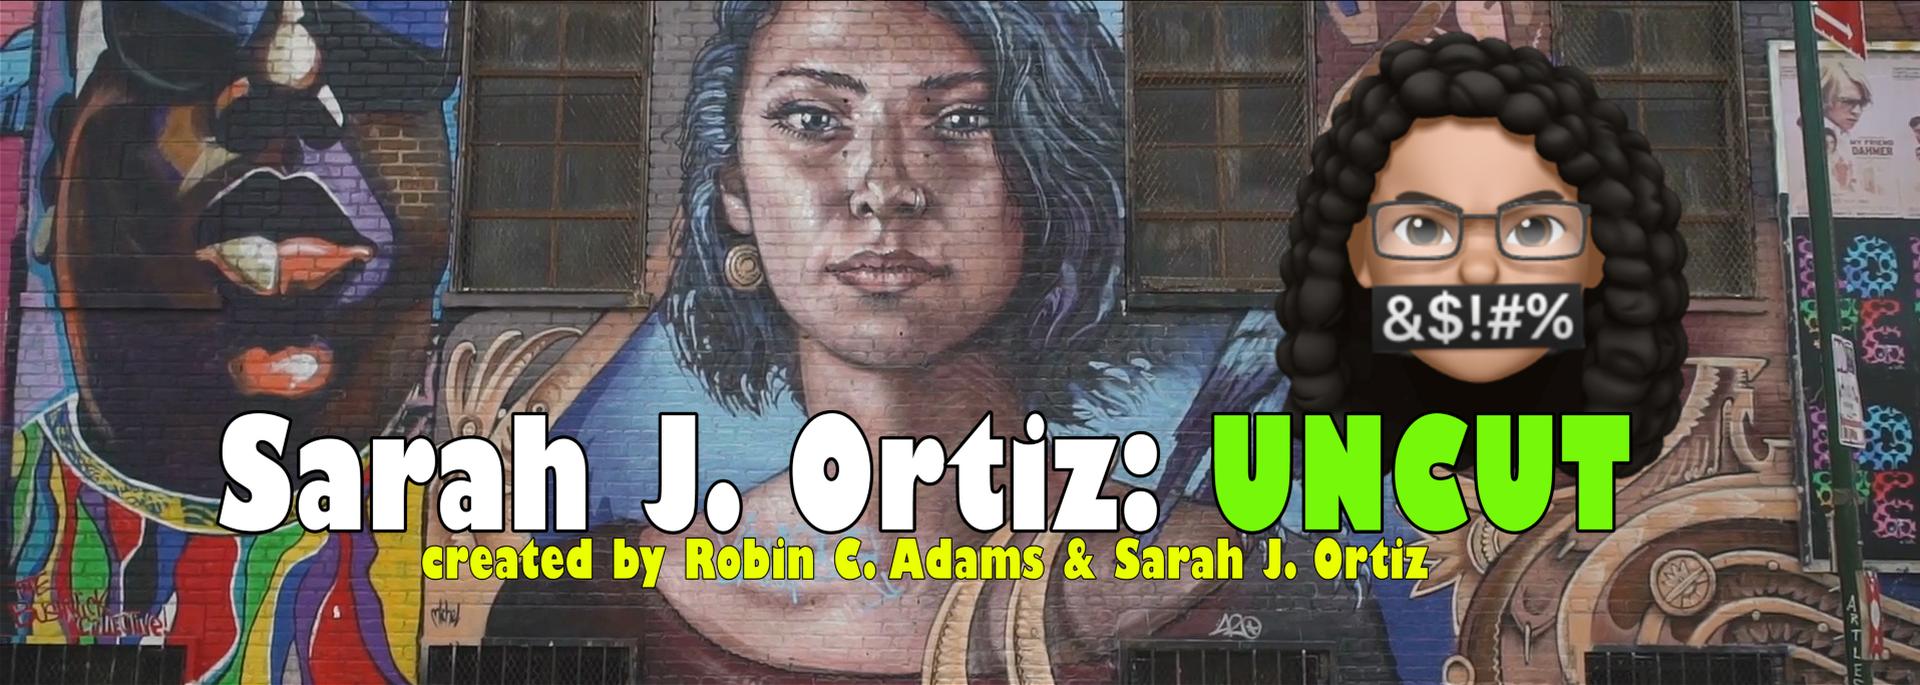 Sarah J. Ortiz: UNCUT channel